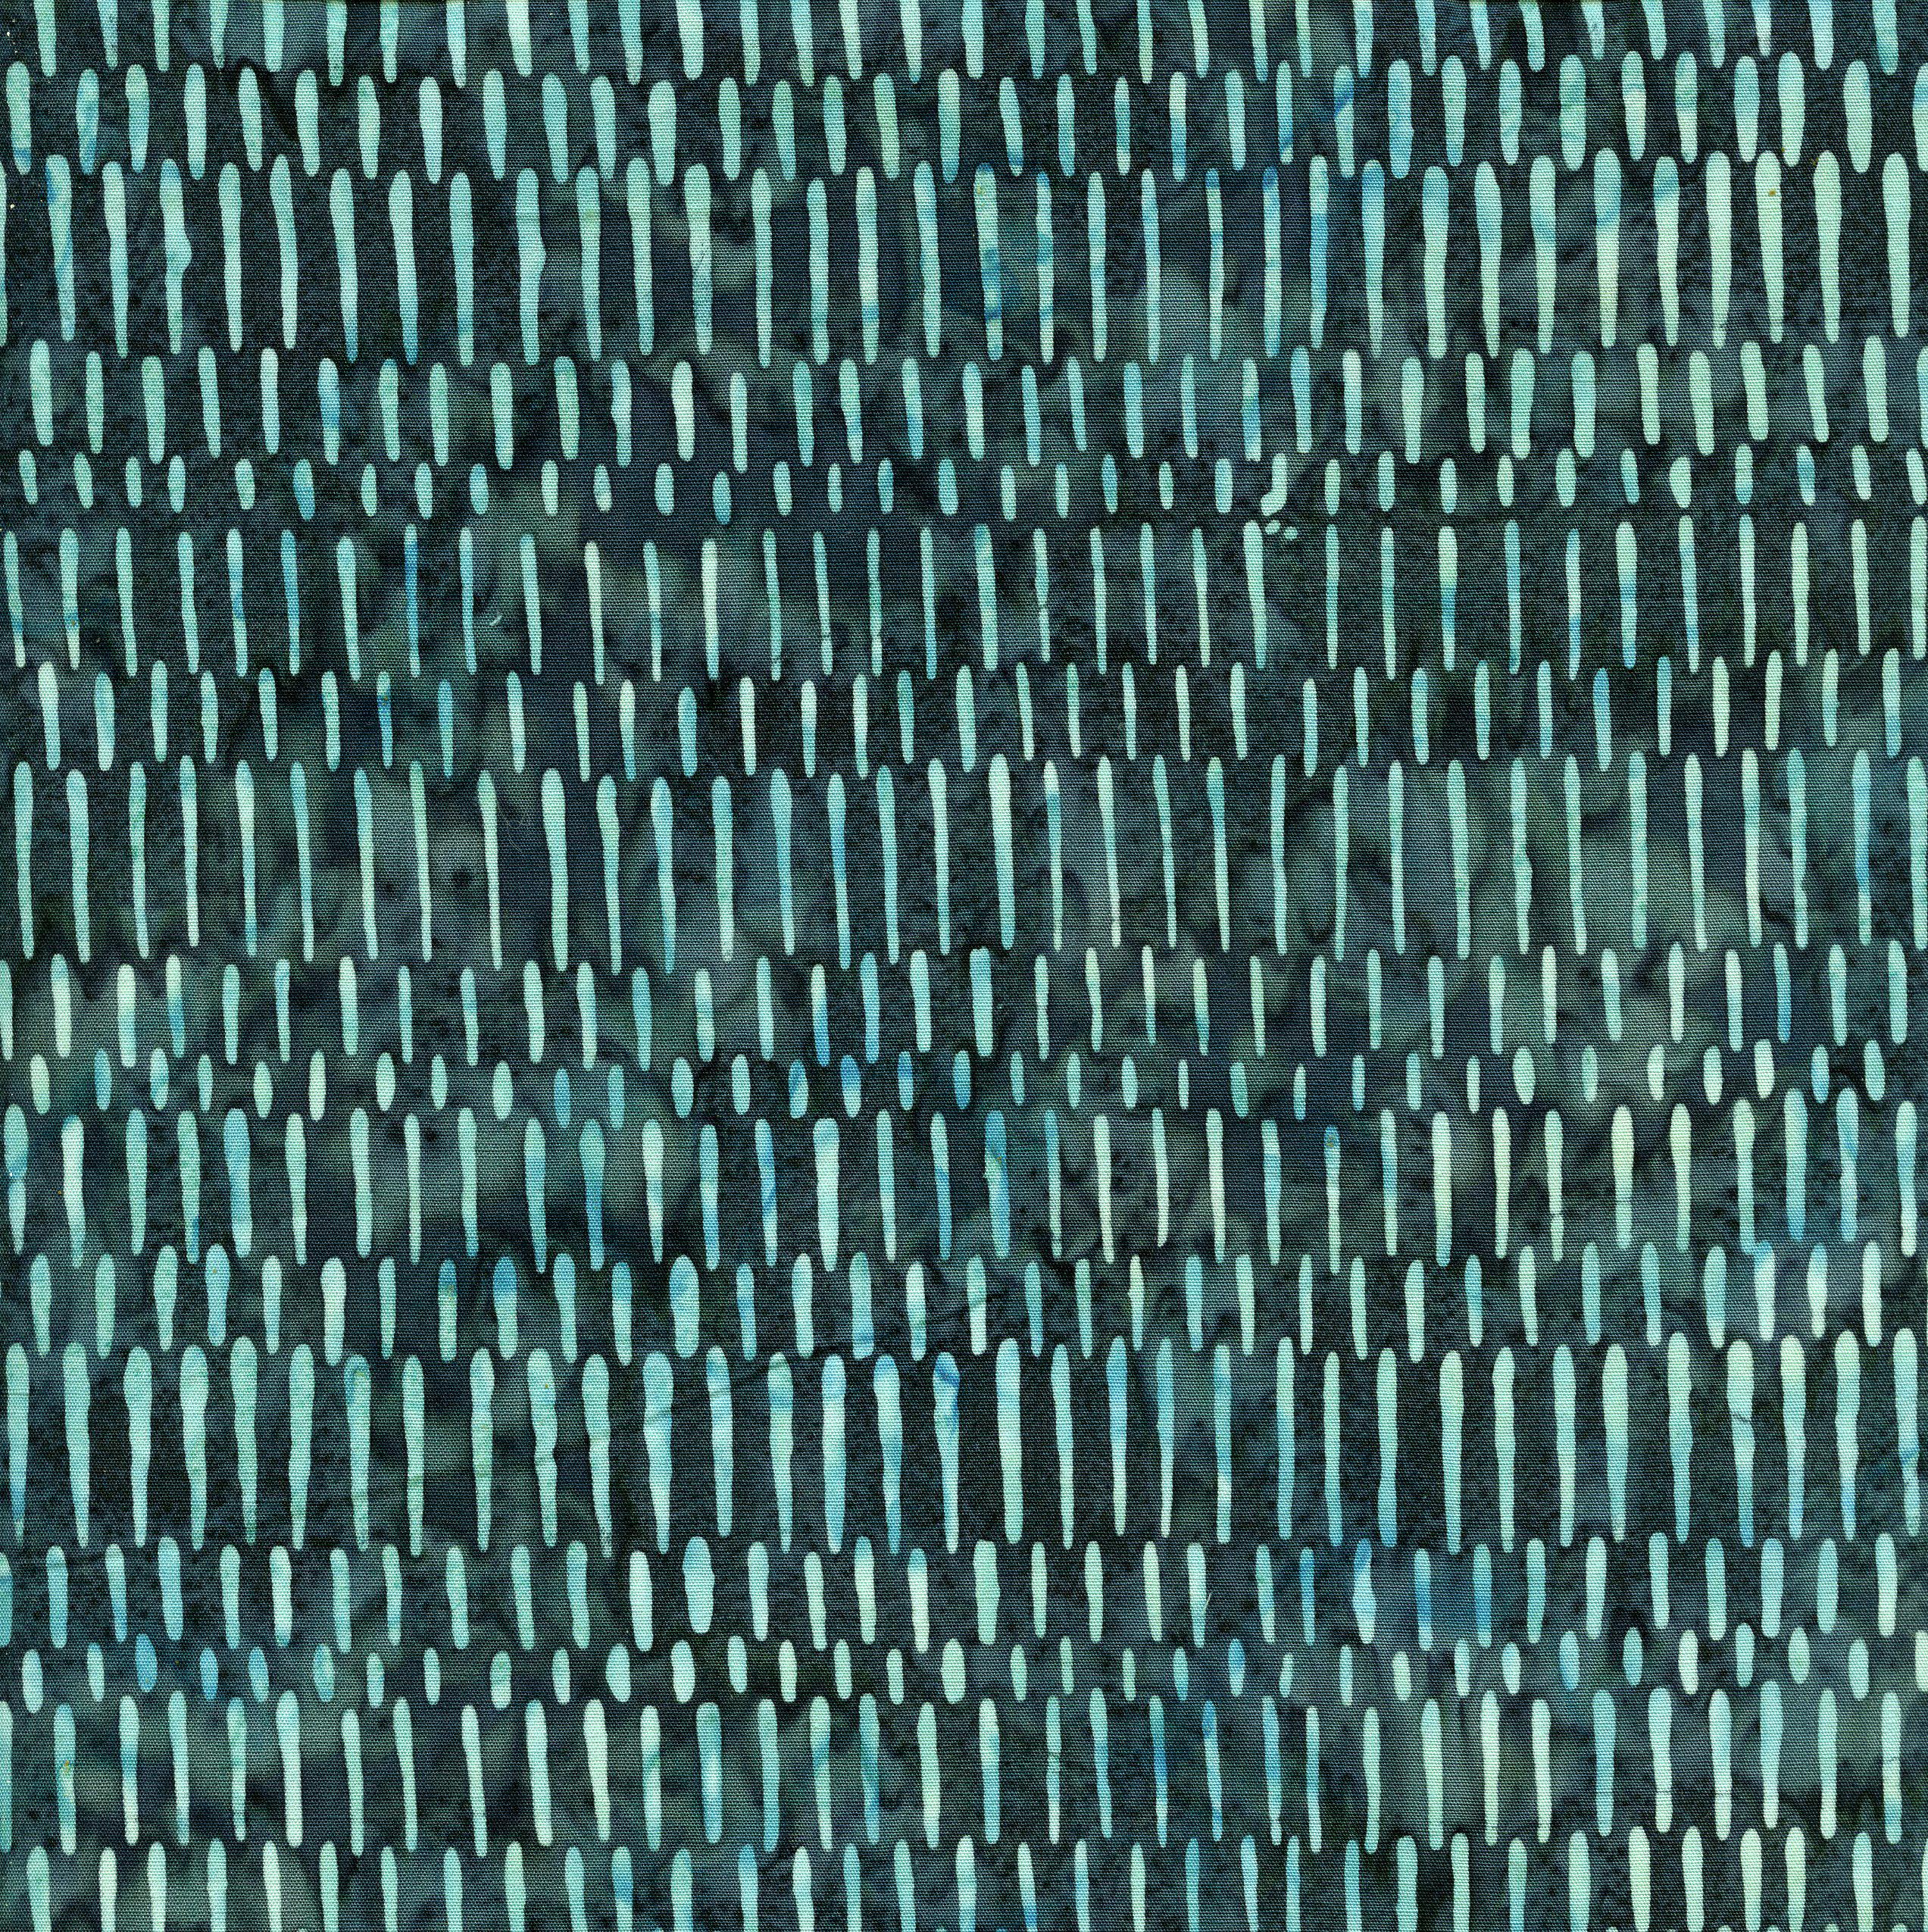 411802561 / Short Lines -Teal